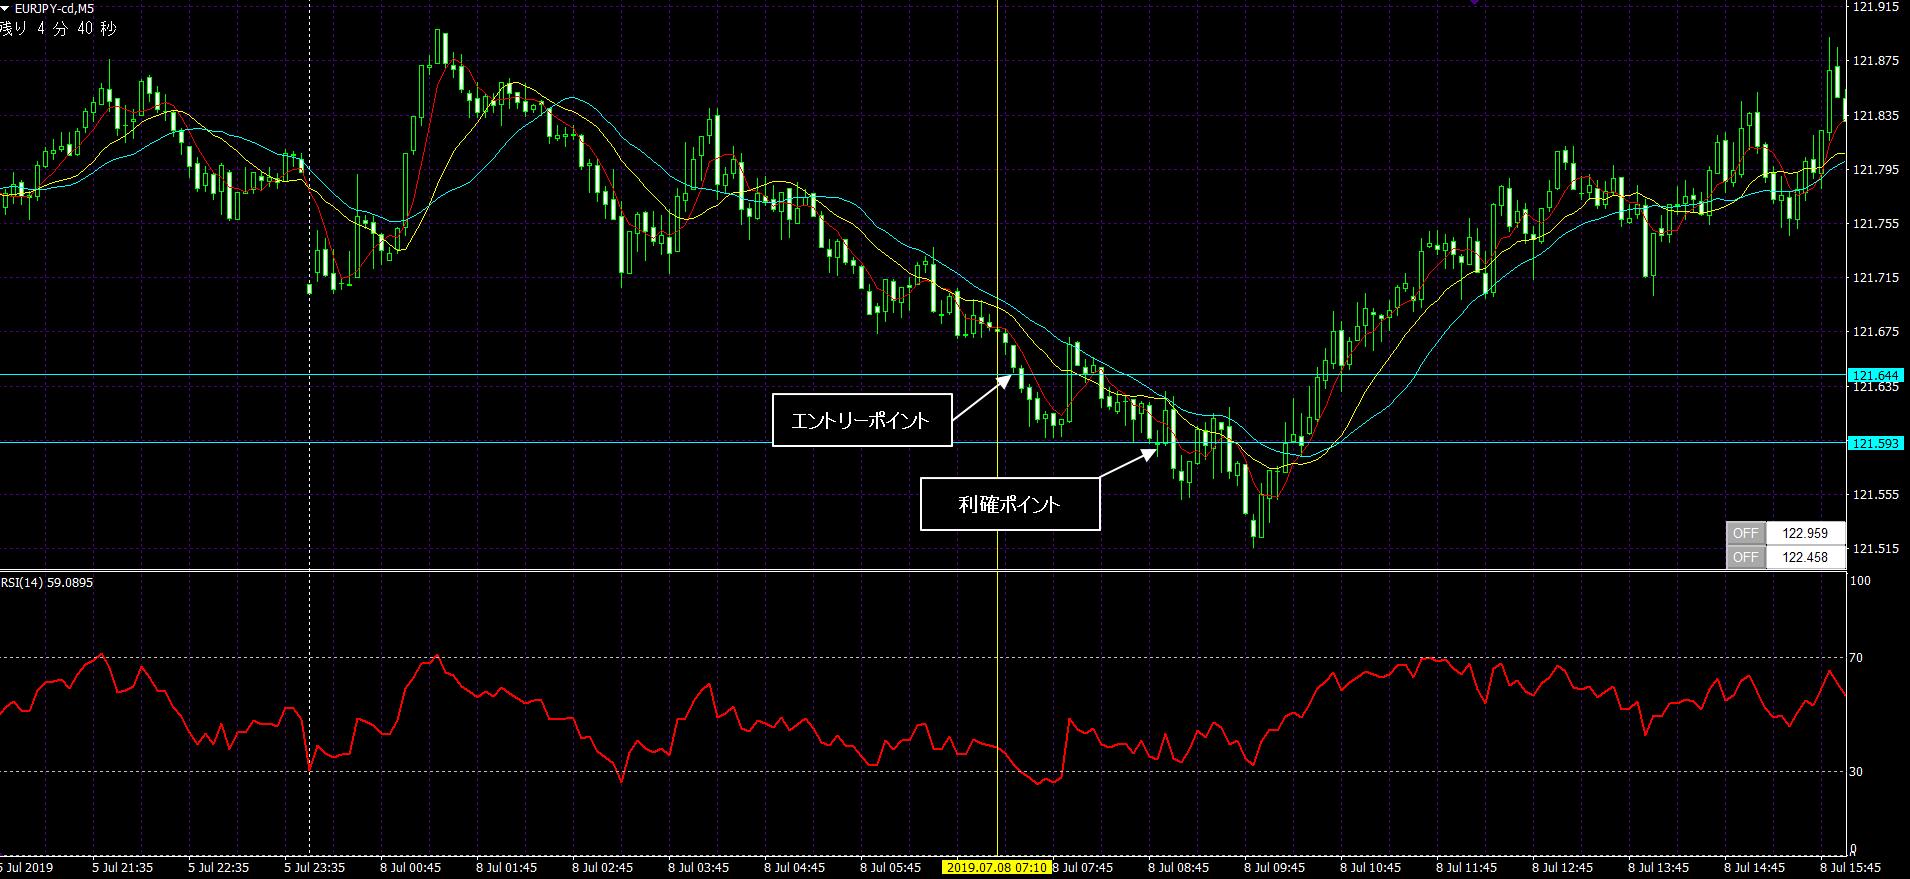 scalping,technique,euro-yen,euro-dollar,dollar-yen,trade